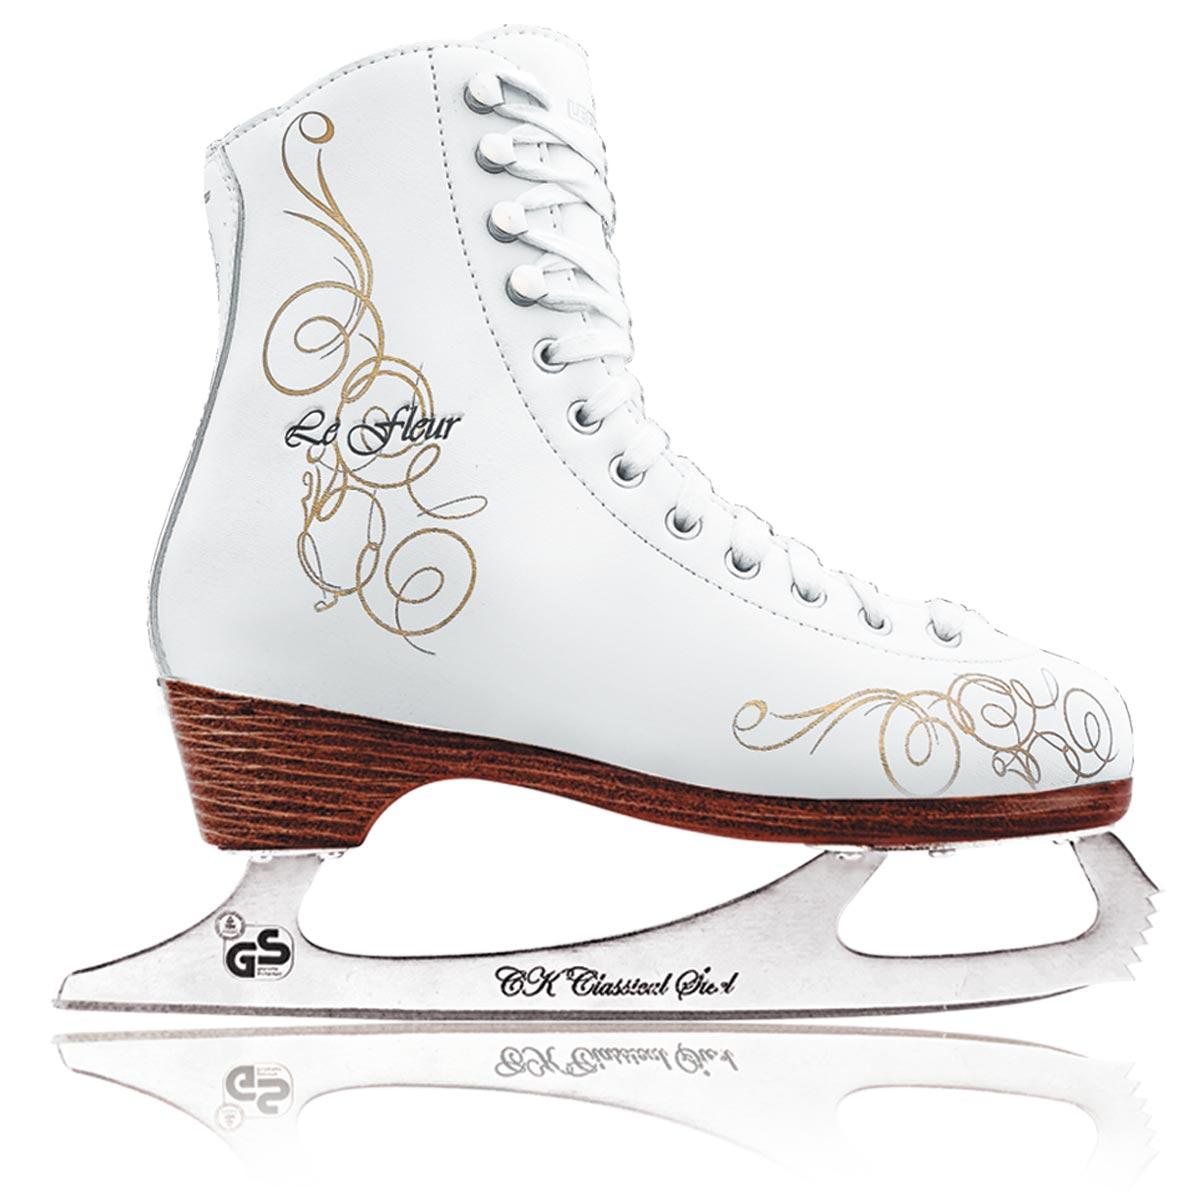 Коньки фигурные женские СК Le Fleur Leather 50/50, цвет: белый, золотой. Размер 40